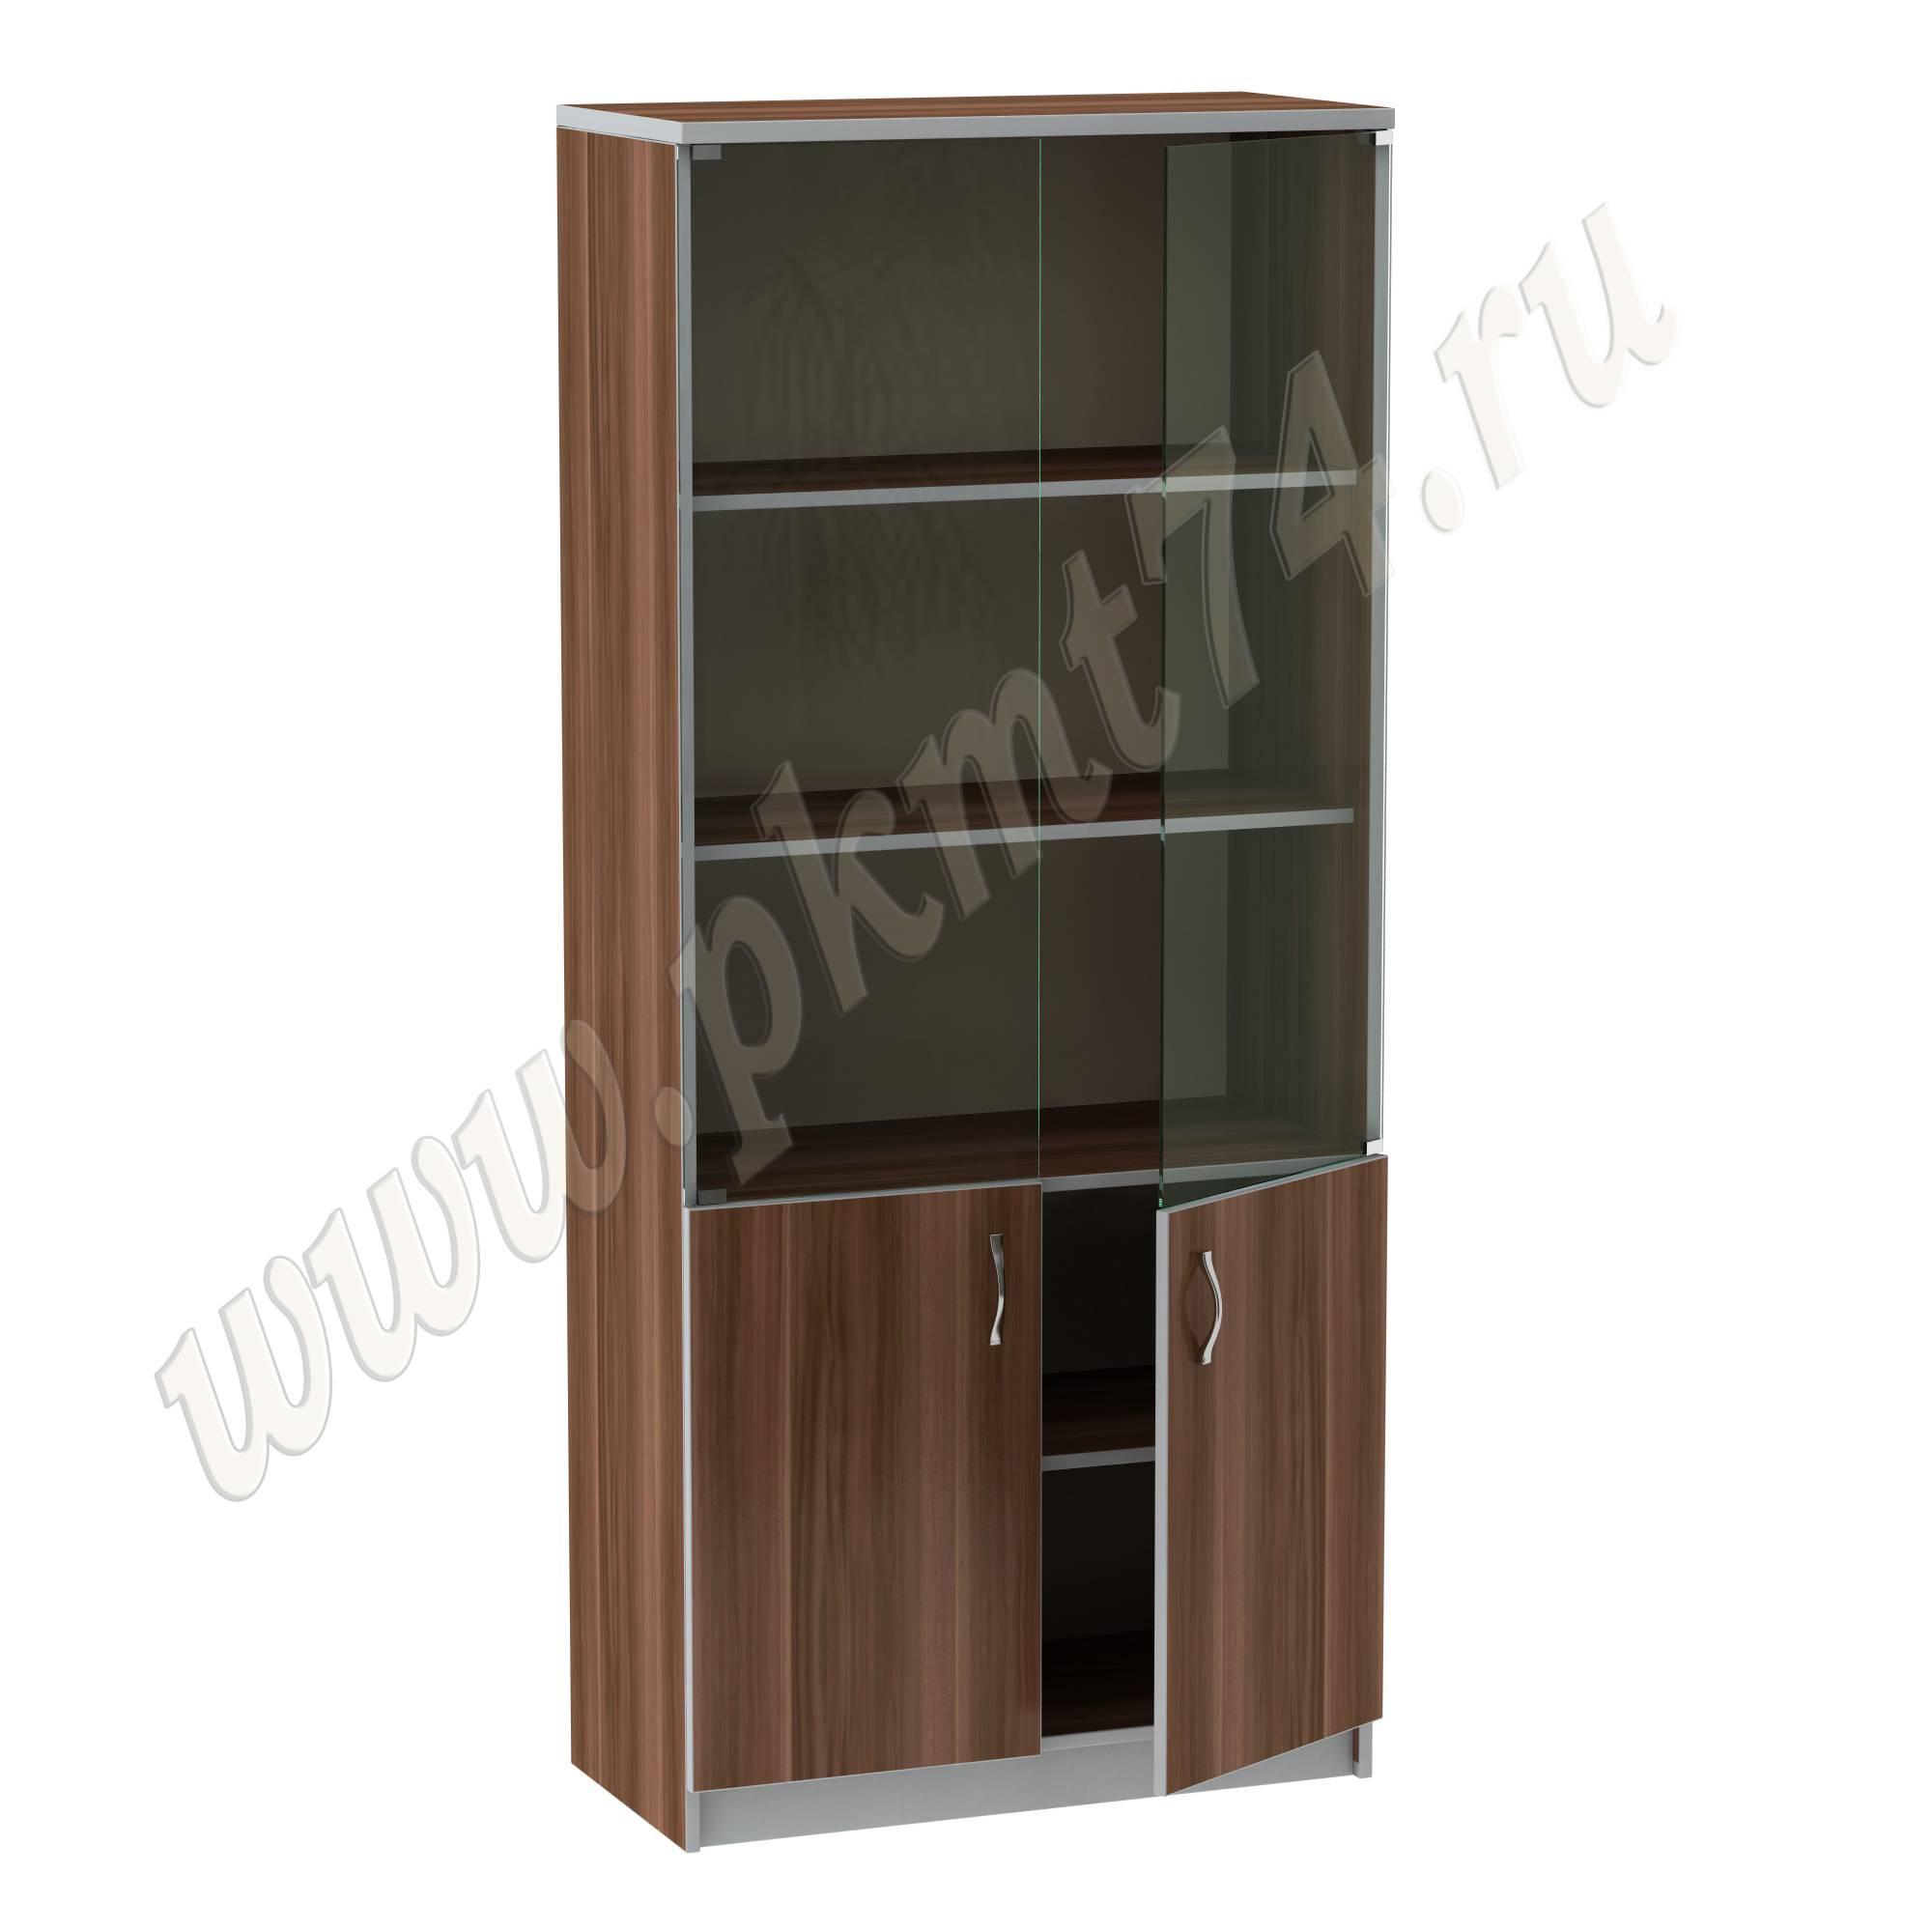 Шкаф для документов со стеклянными фасадами MT 14-4 Слива-Алюминий